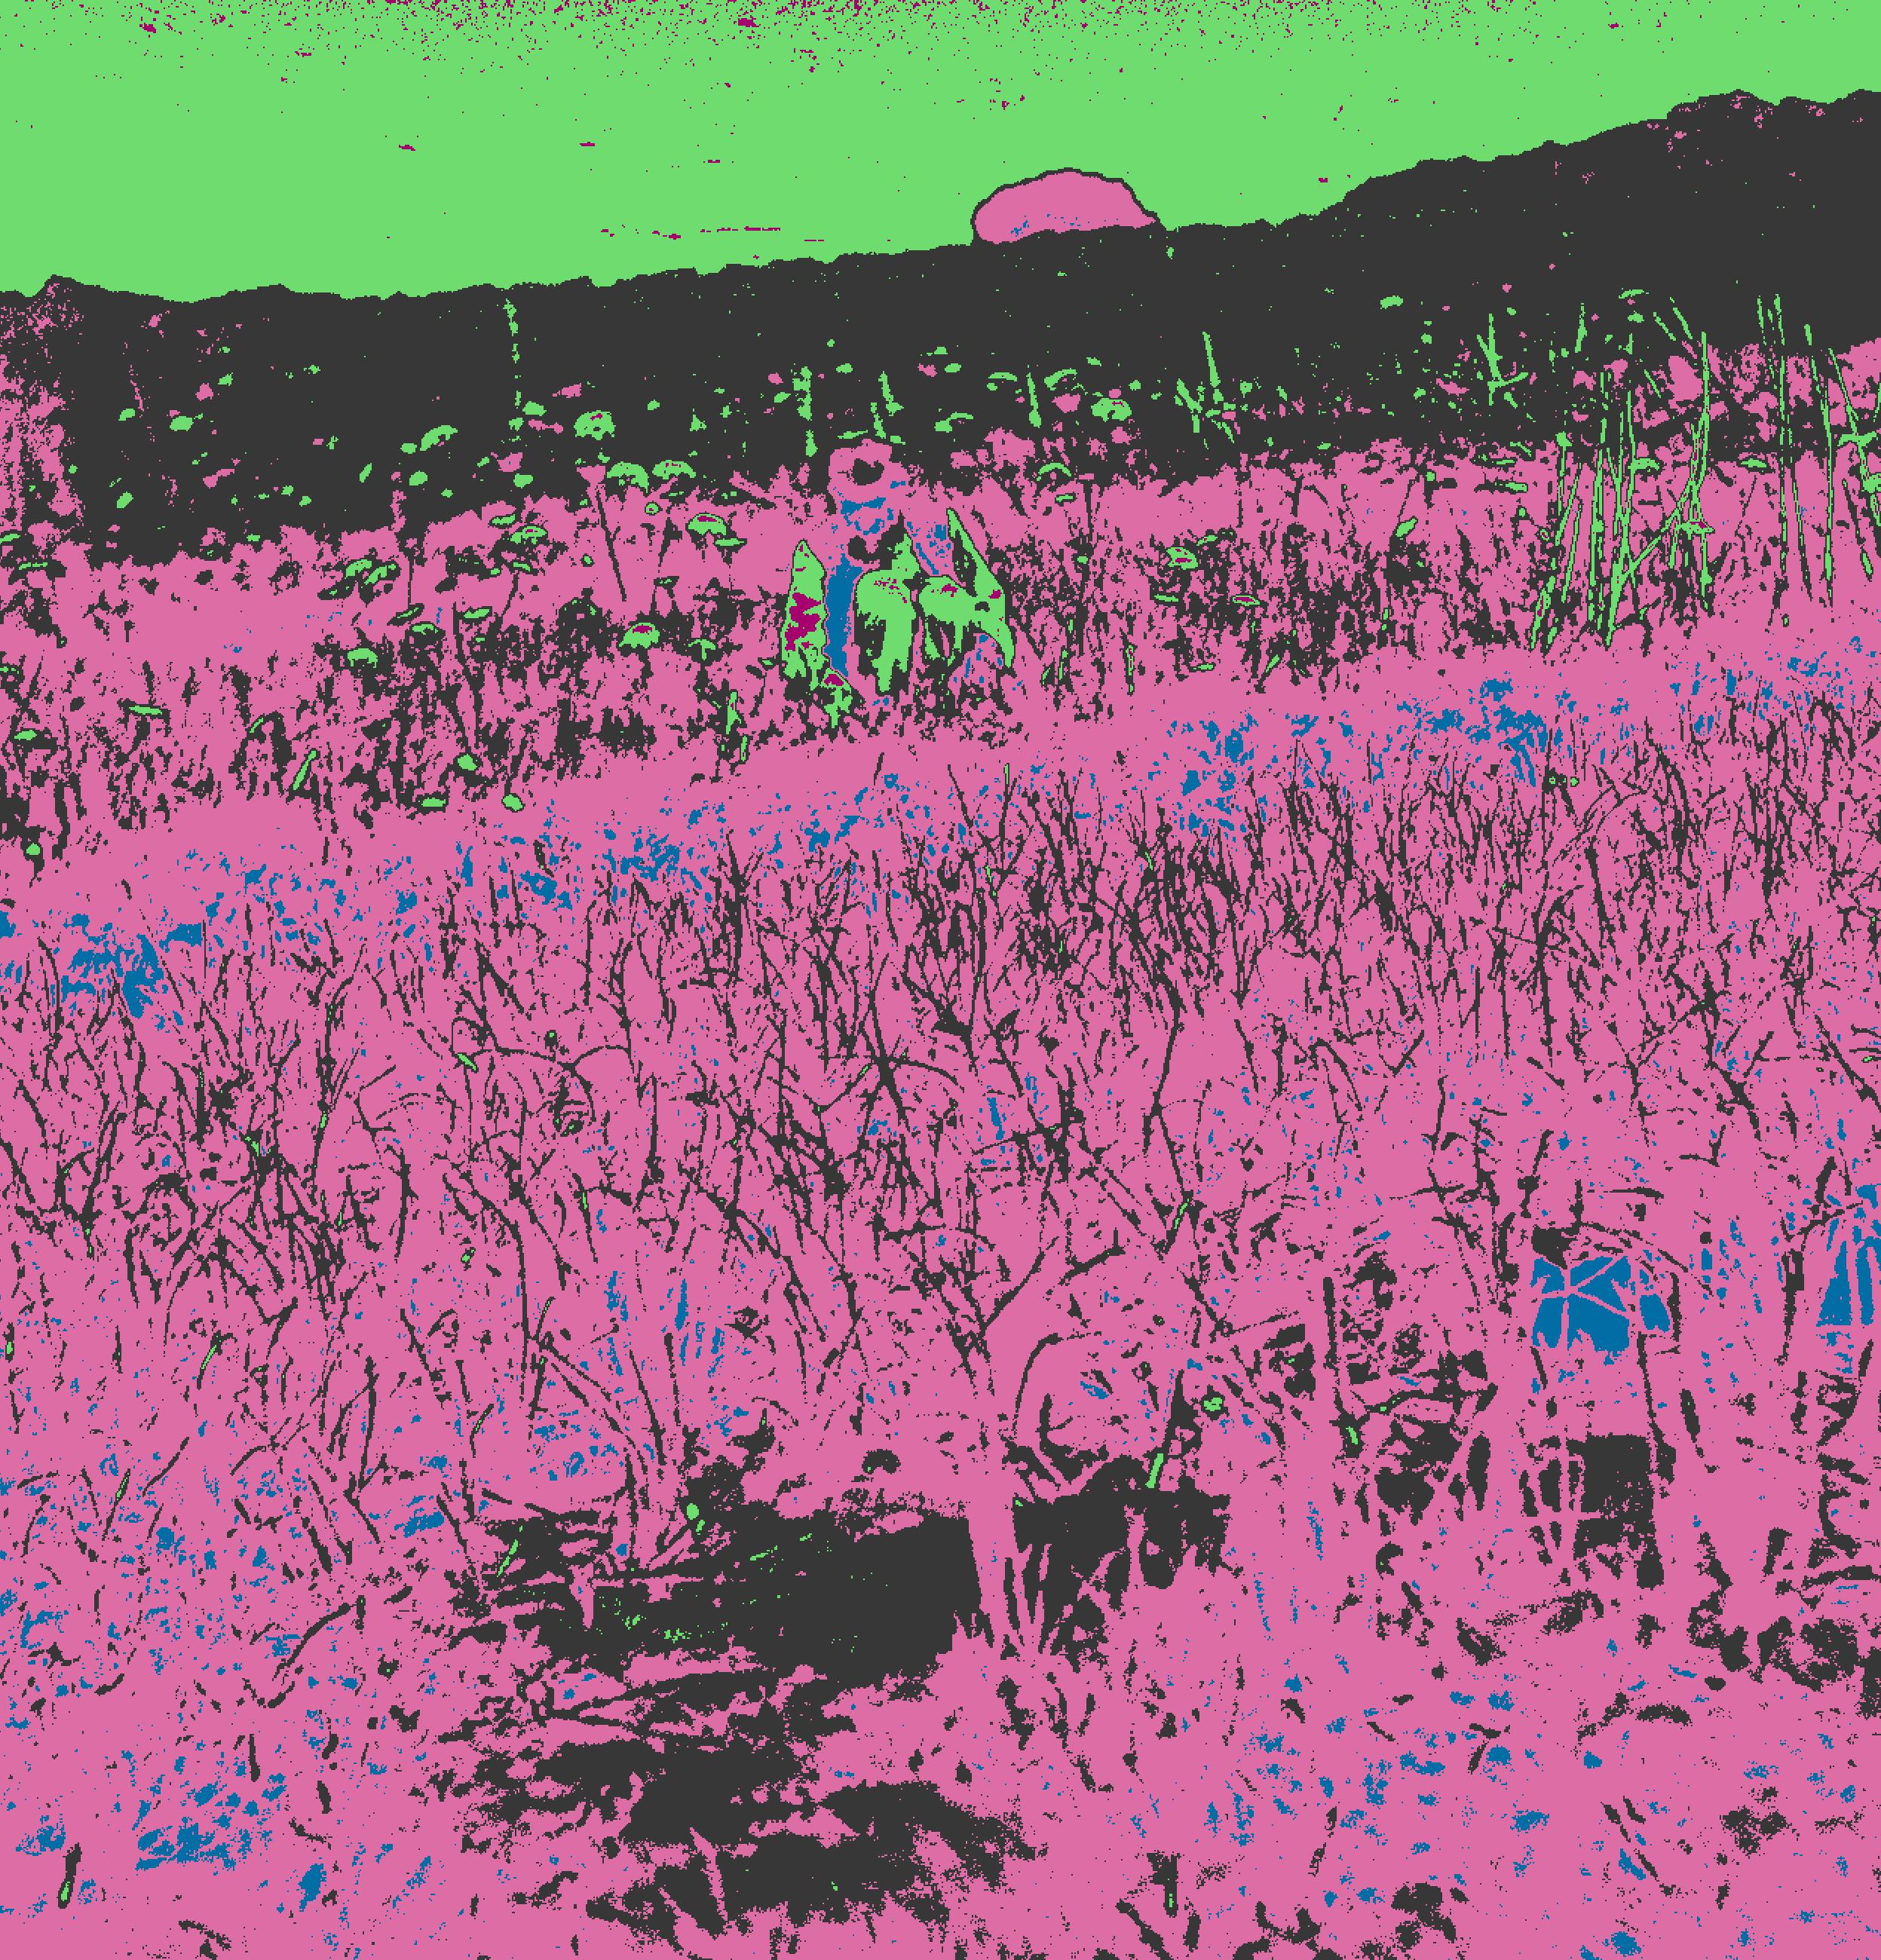 A strange field